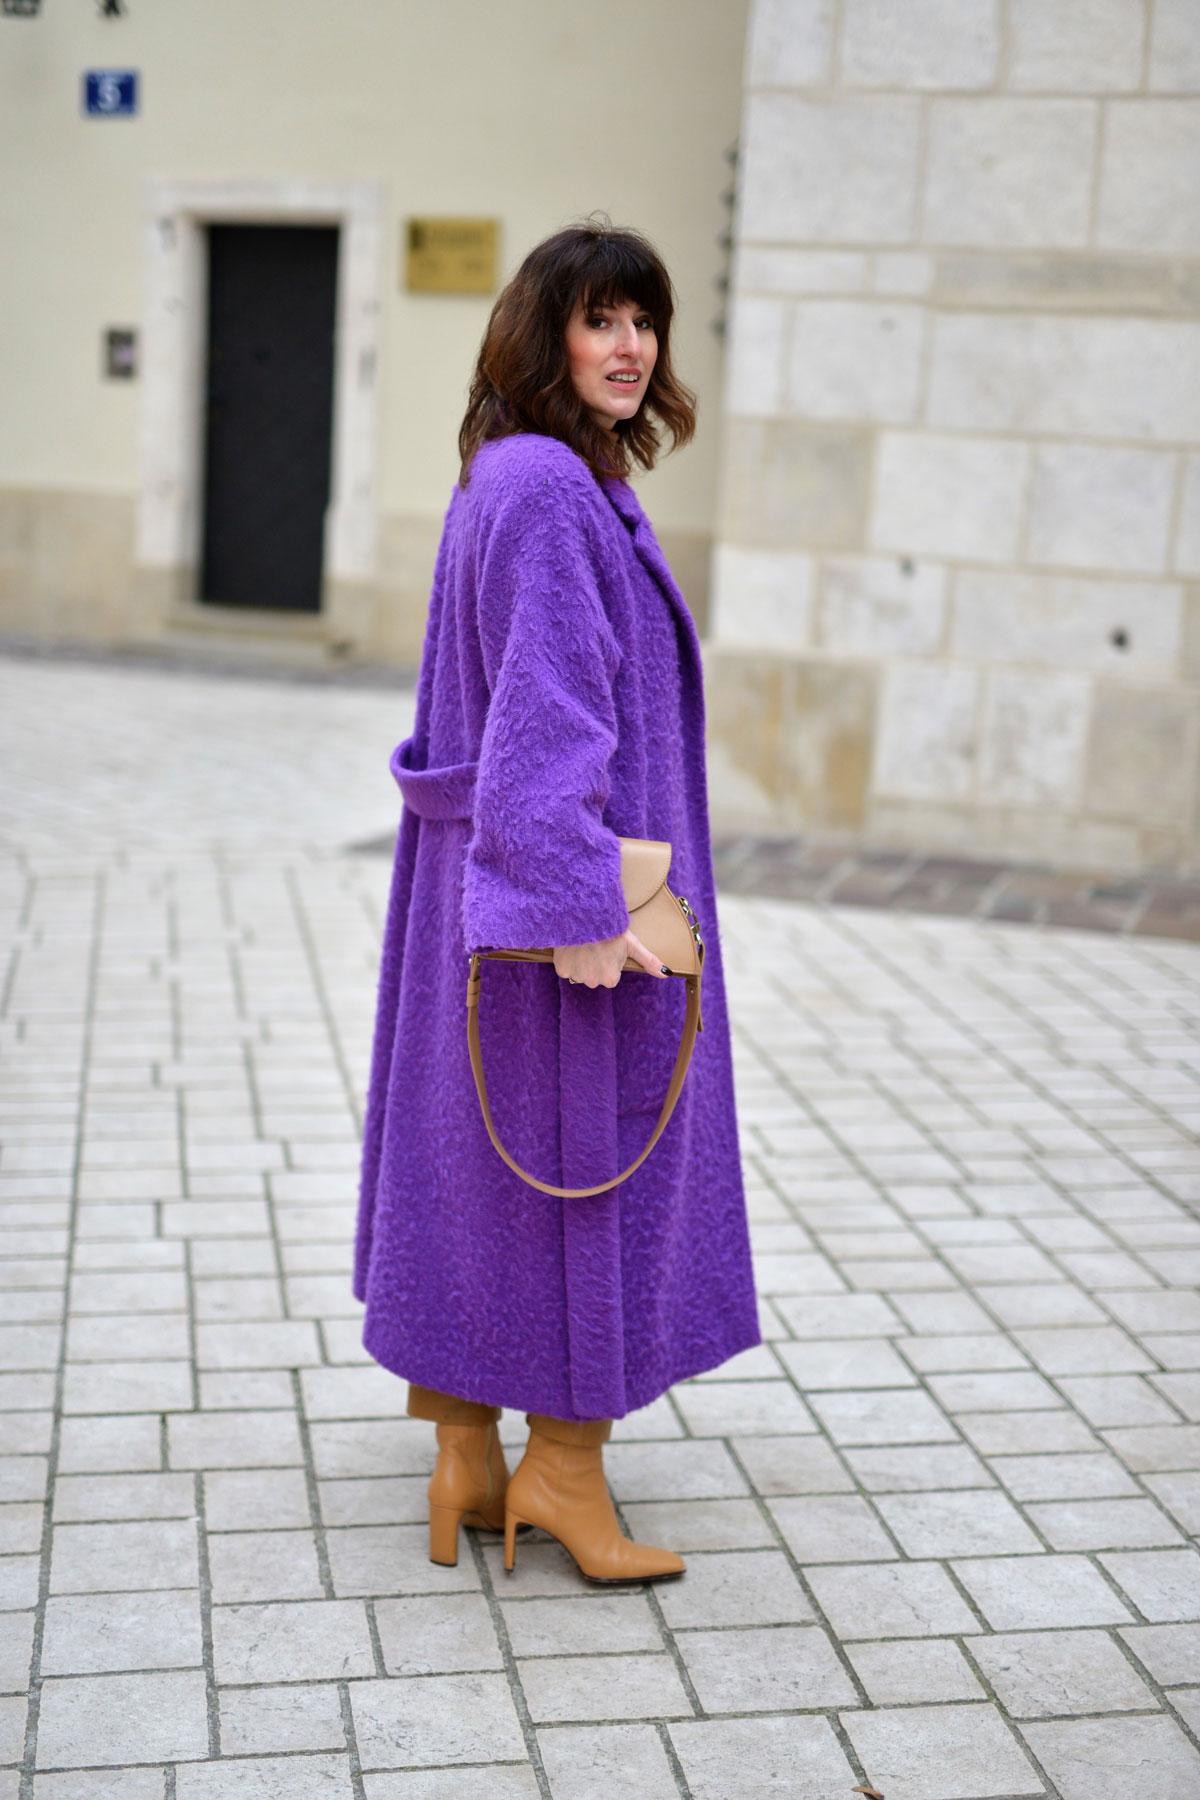 fioletowy-płaszcz-3